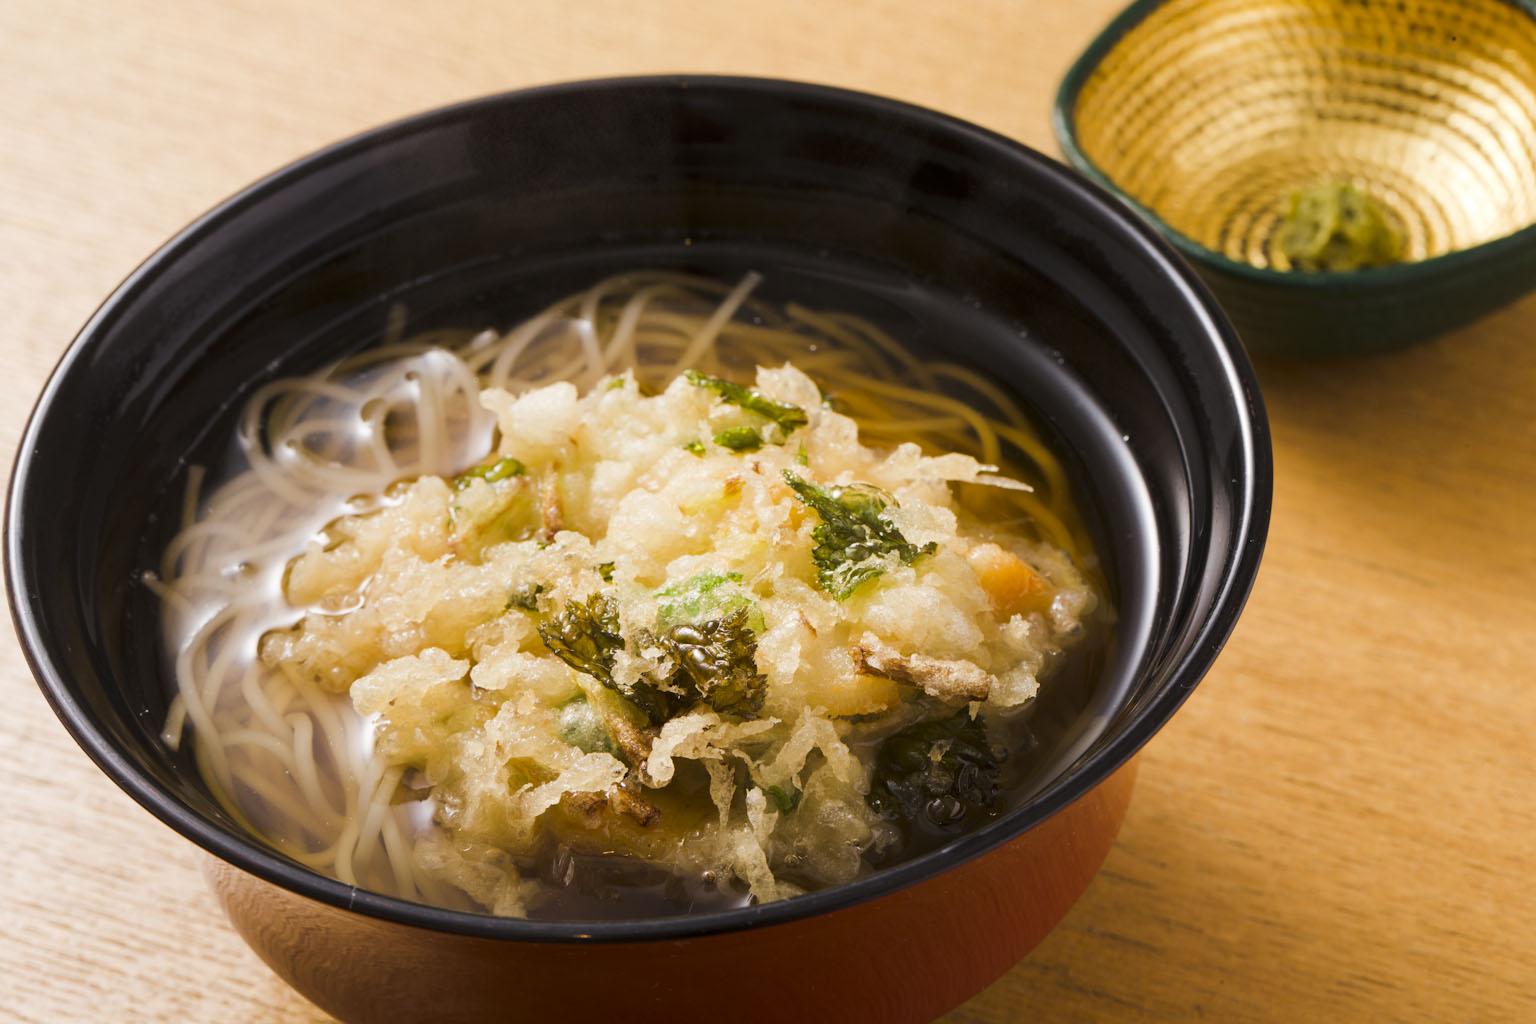 Tempura Uchitsu cuisine #0